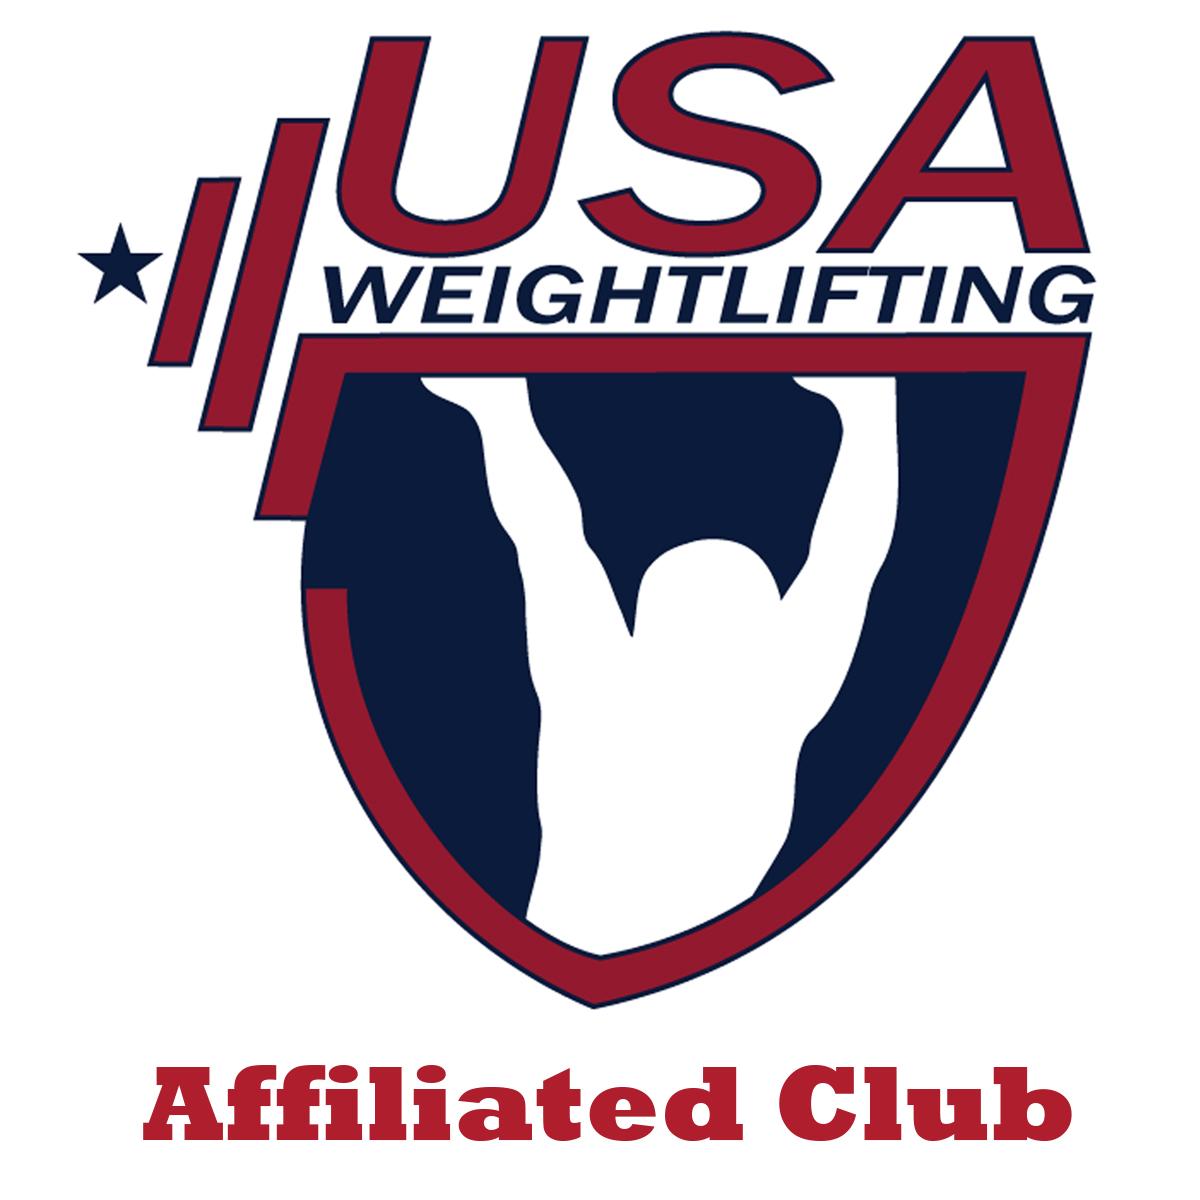 Affiliated Club.jpg